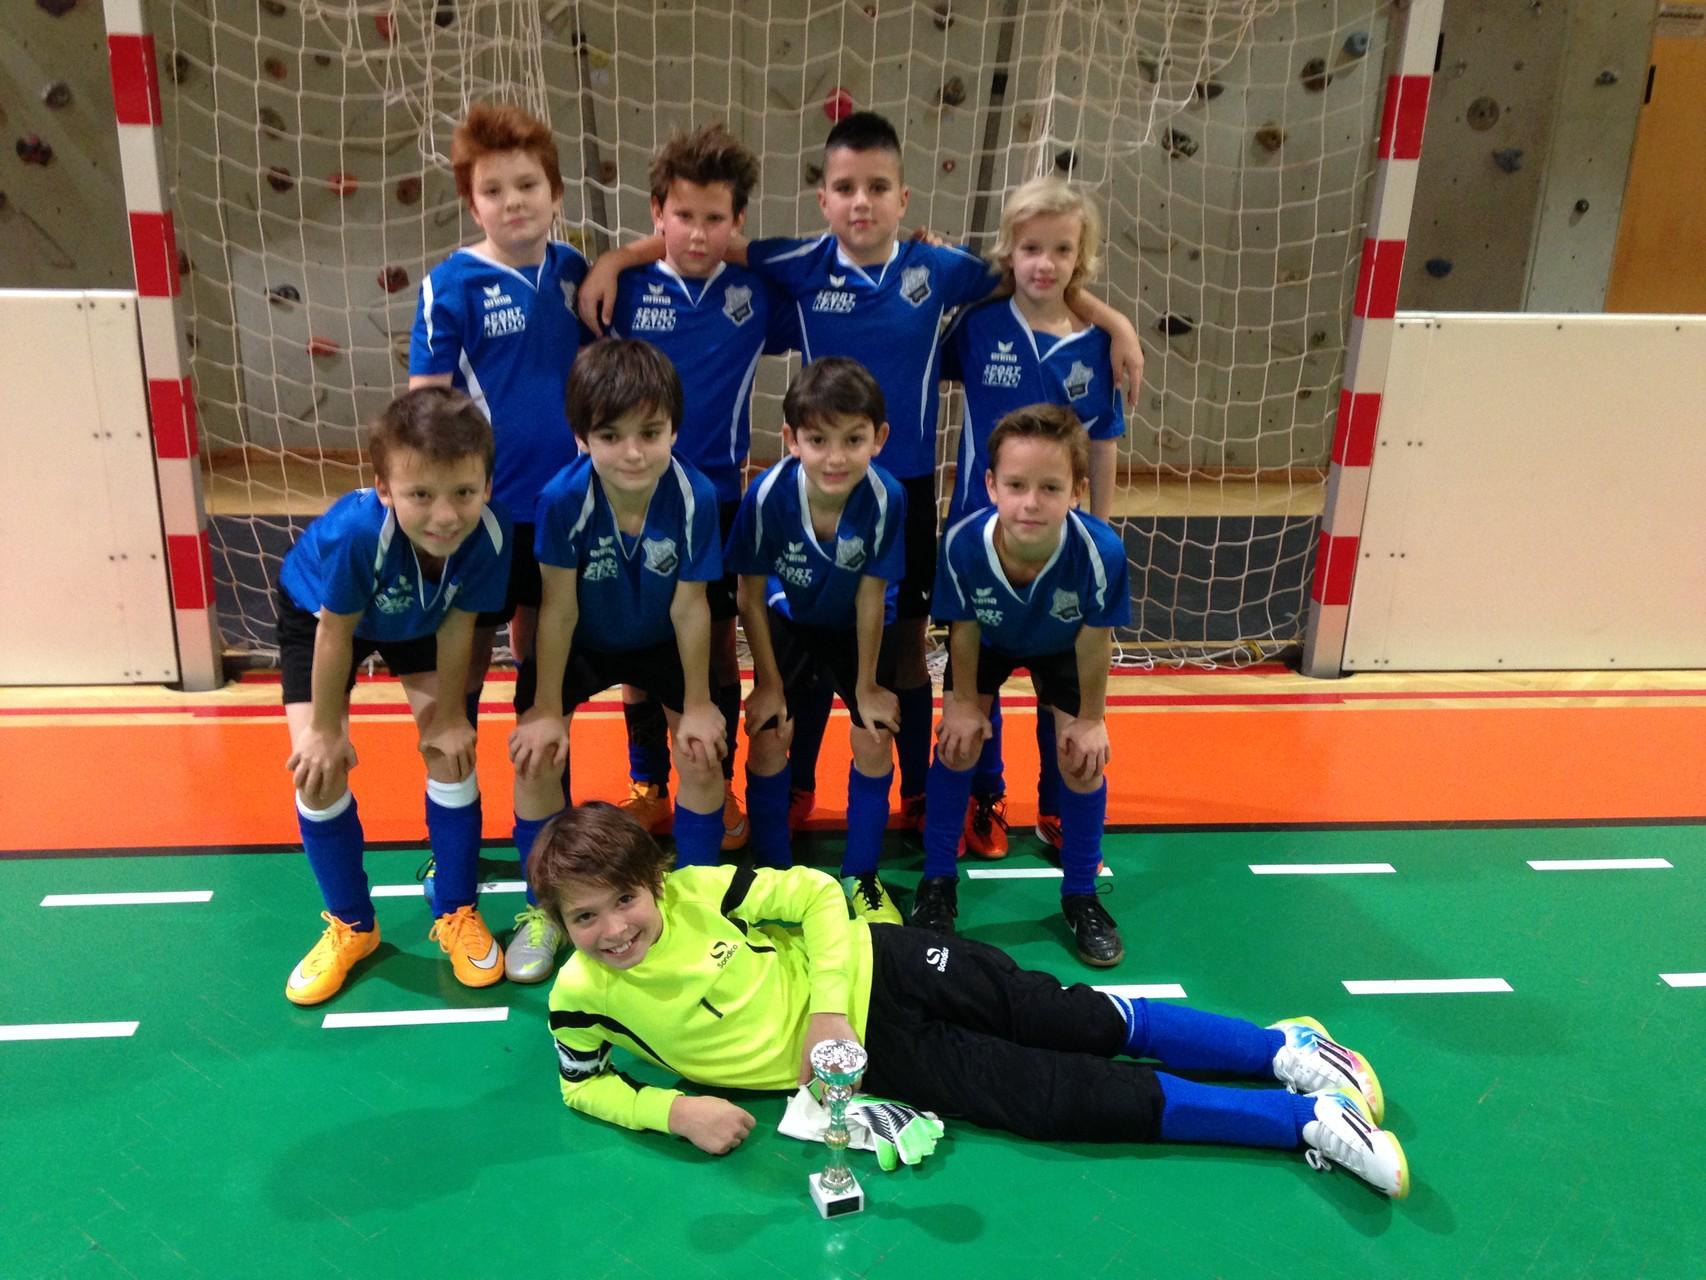 Hallenturnier FC Mariahilf - 3.Platz